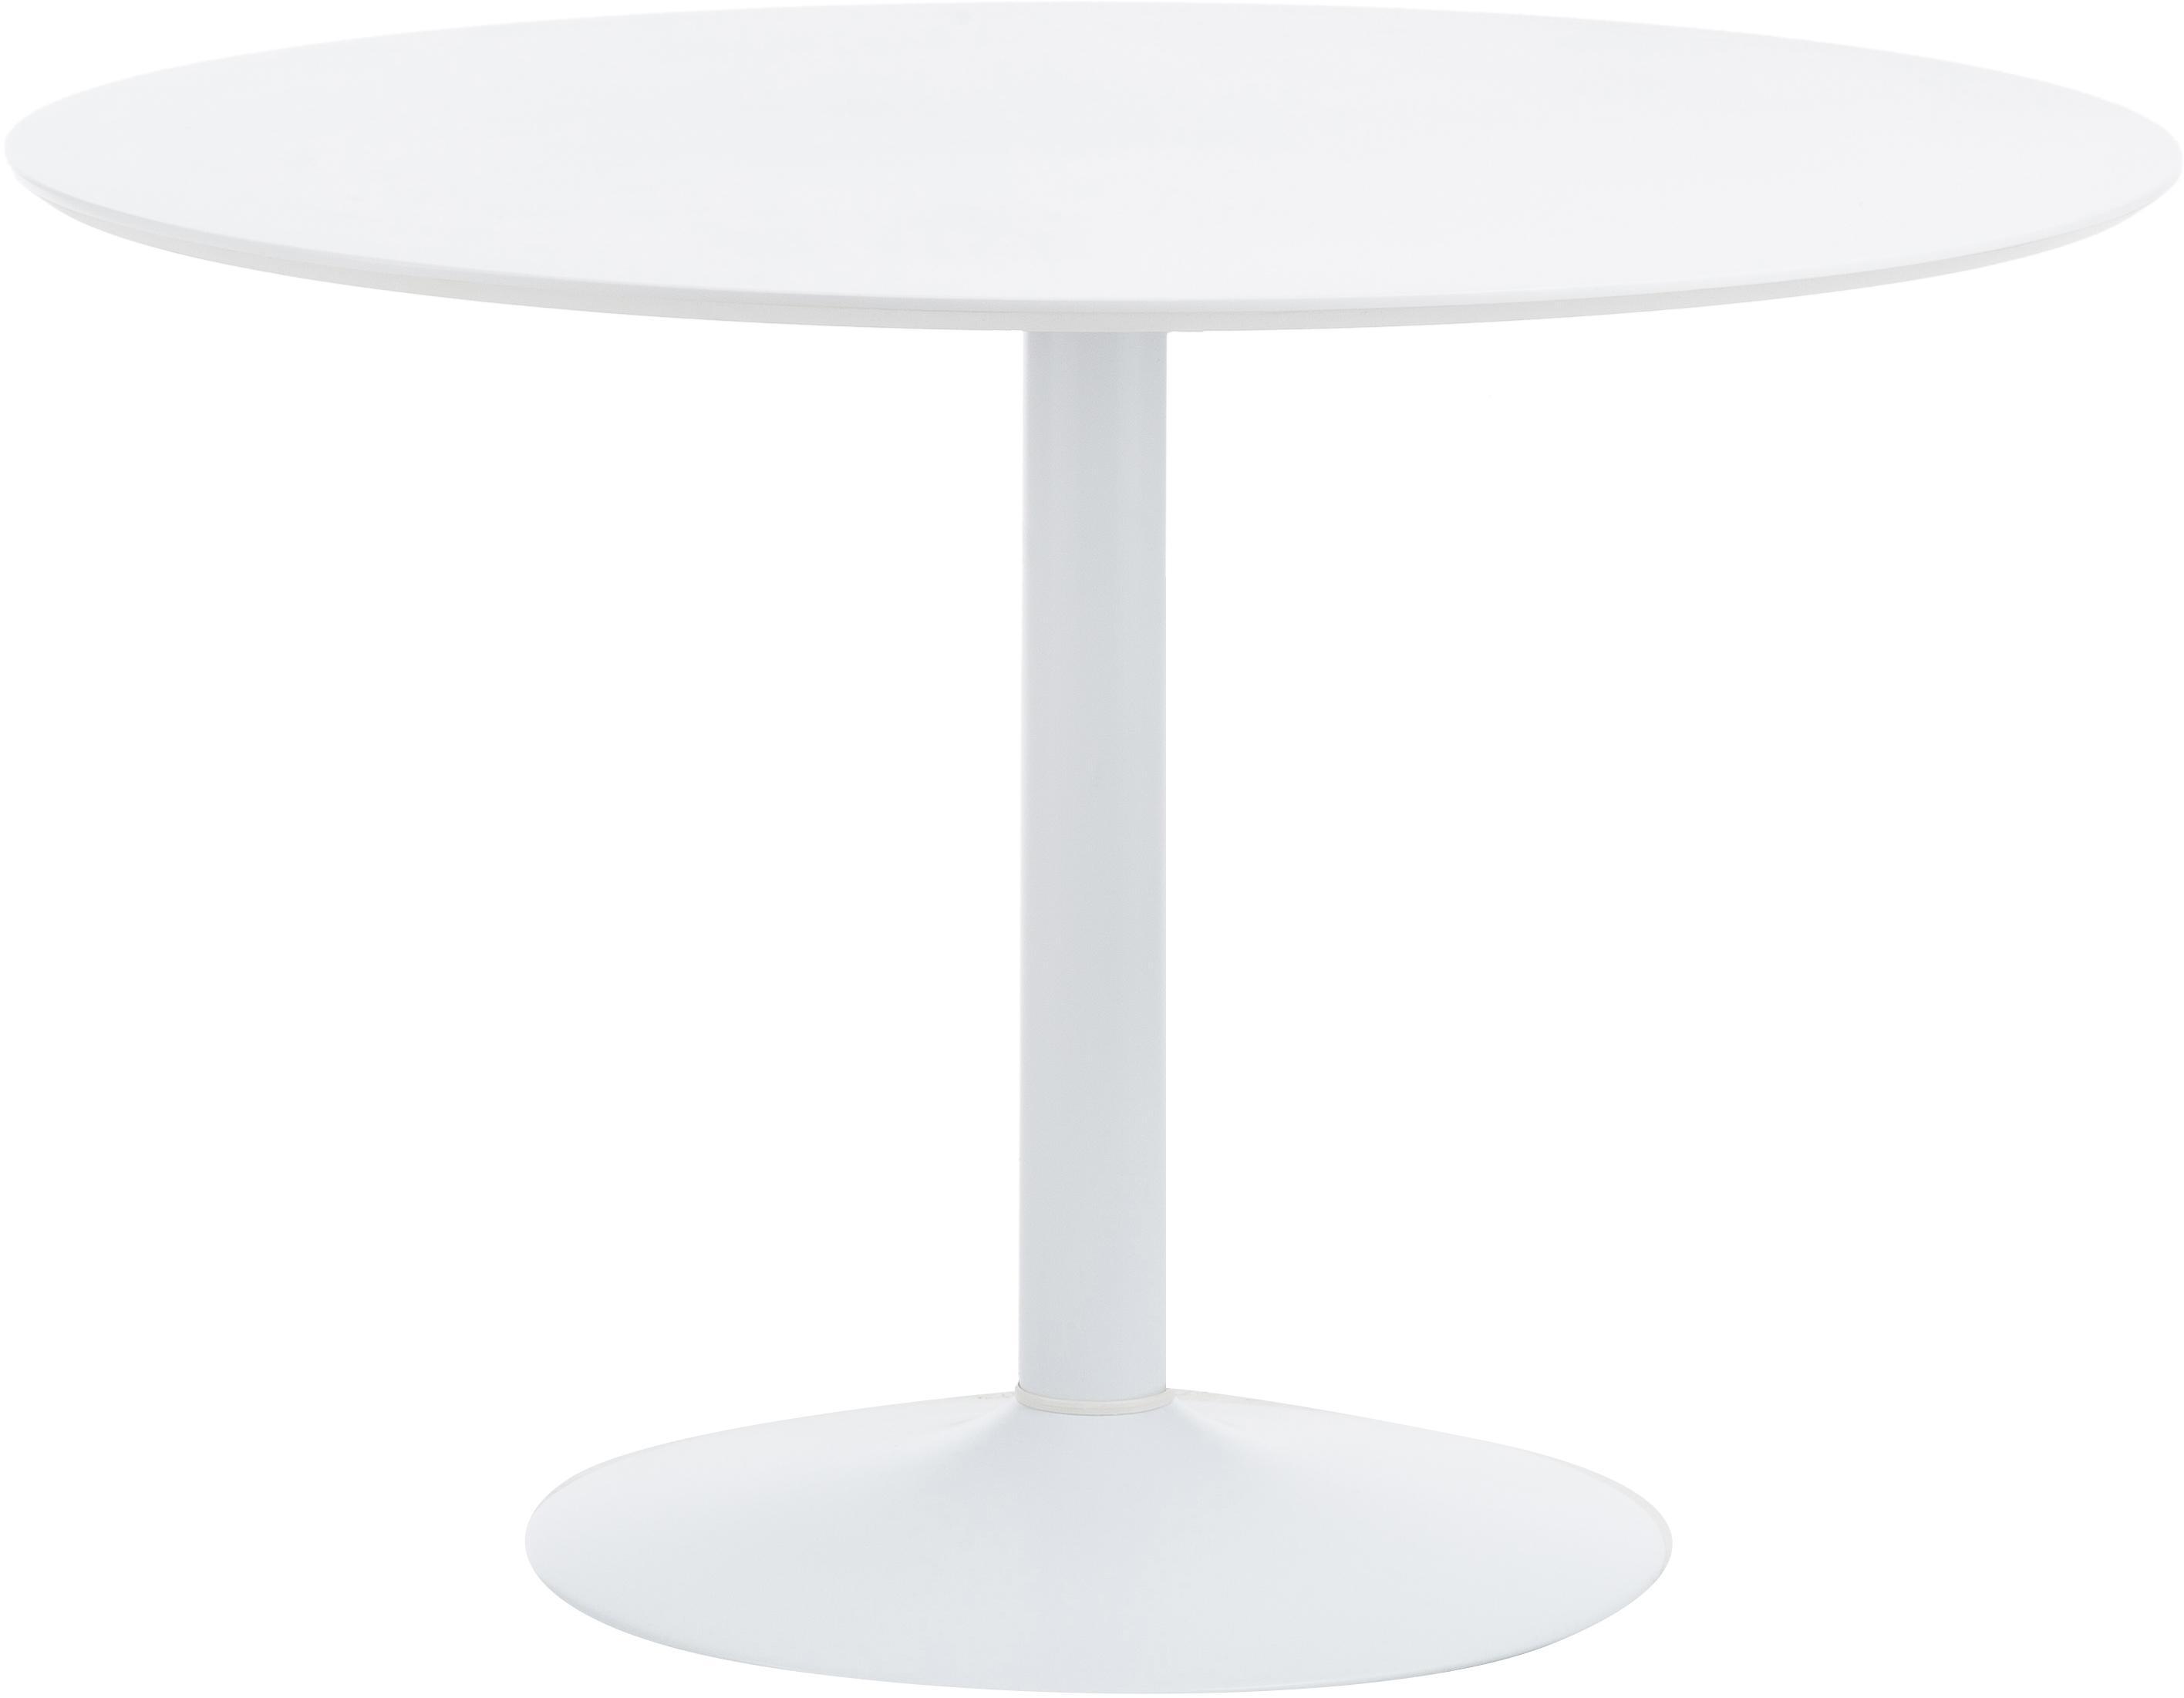 Ronde eettafel Mallorca, Tafelblad: gelakt MDF, Poot: gepoedercoat metaal, Wit, Ø 110 cm